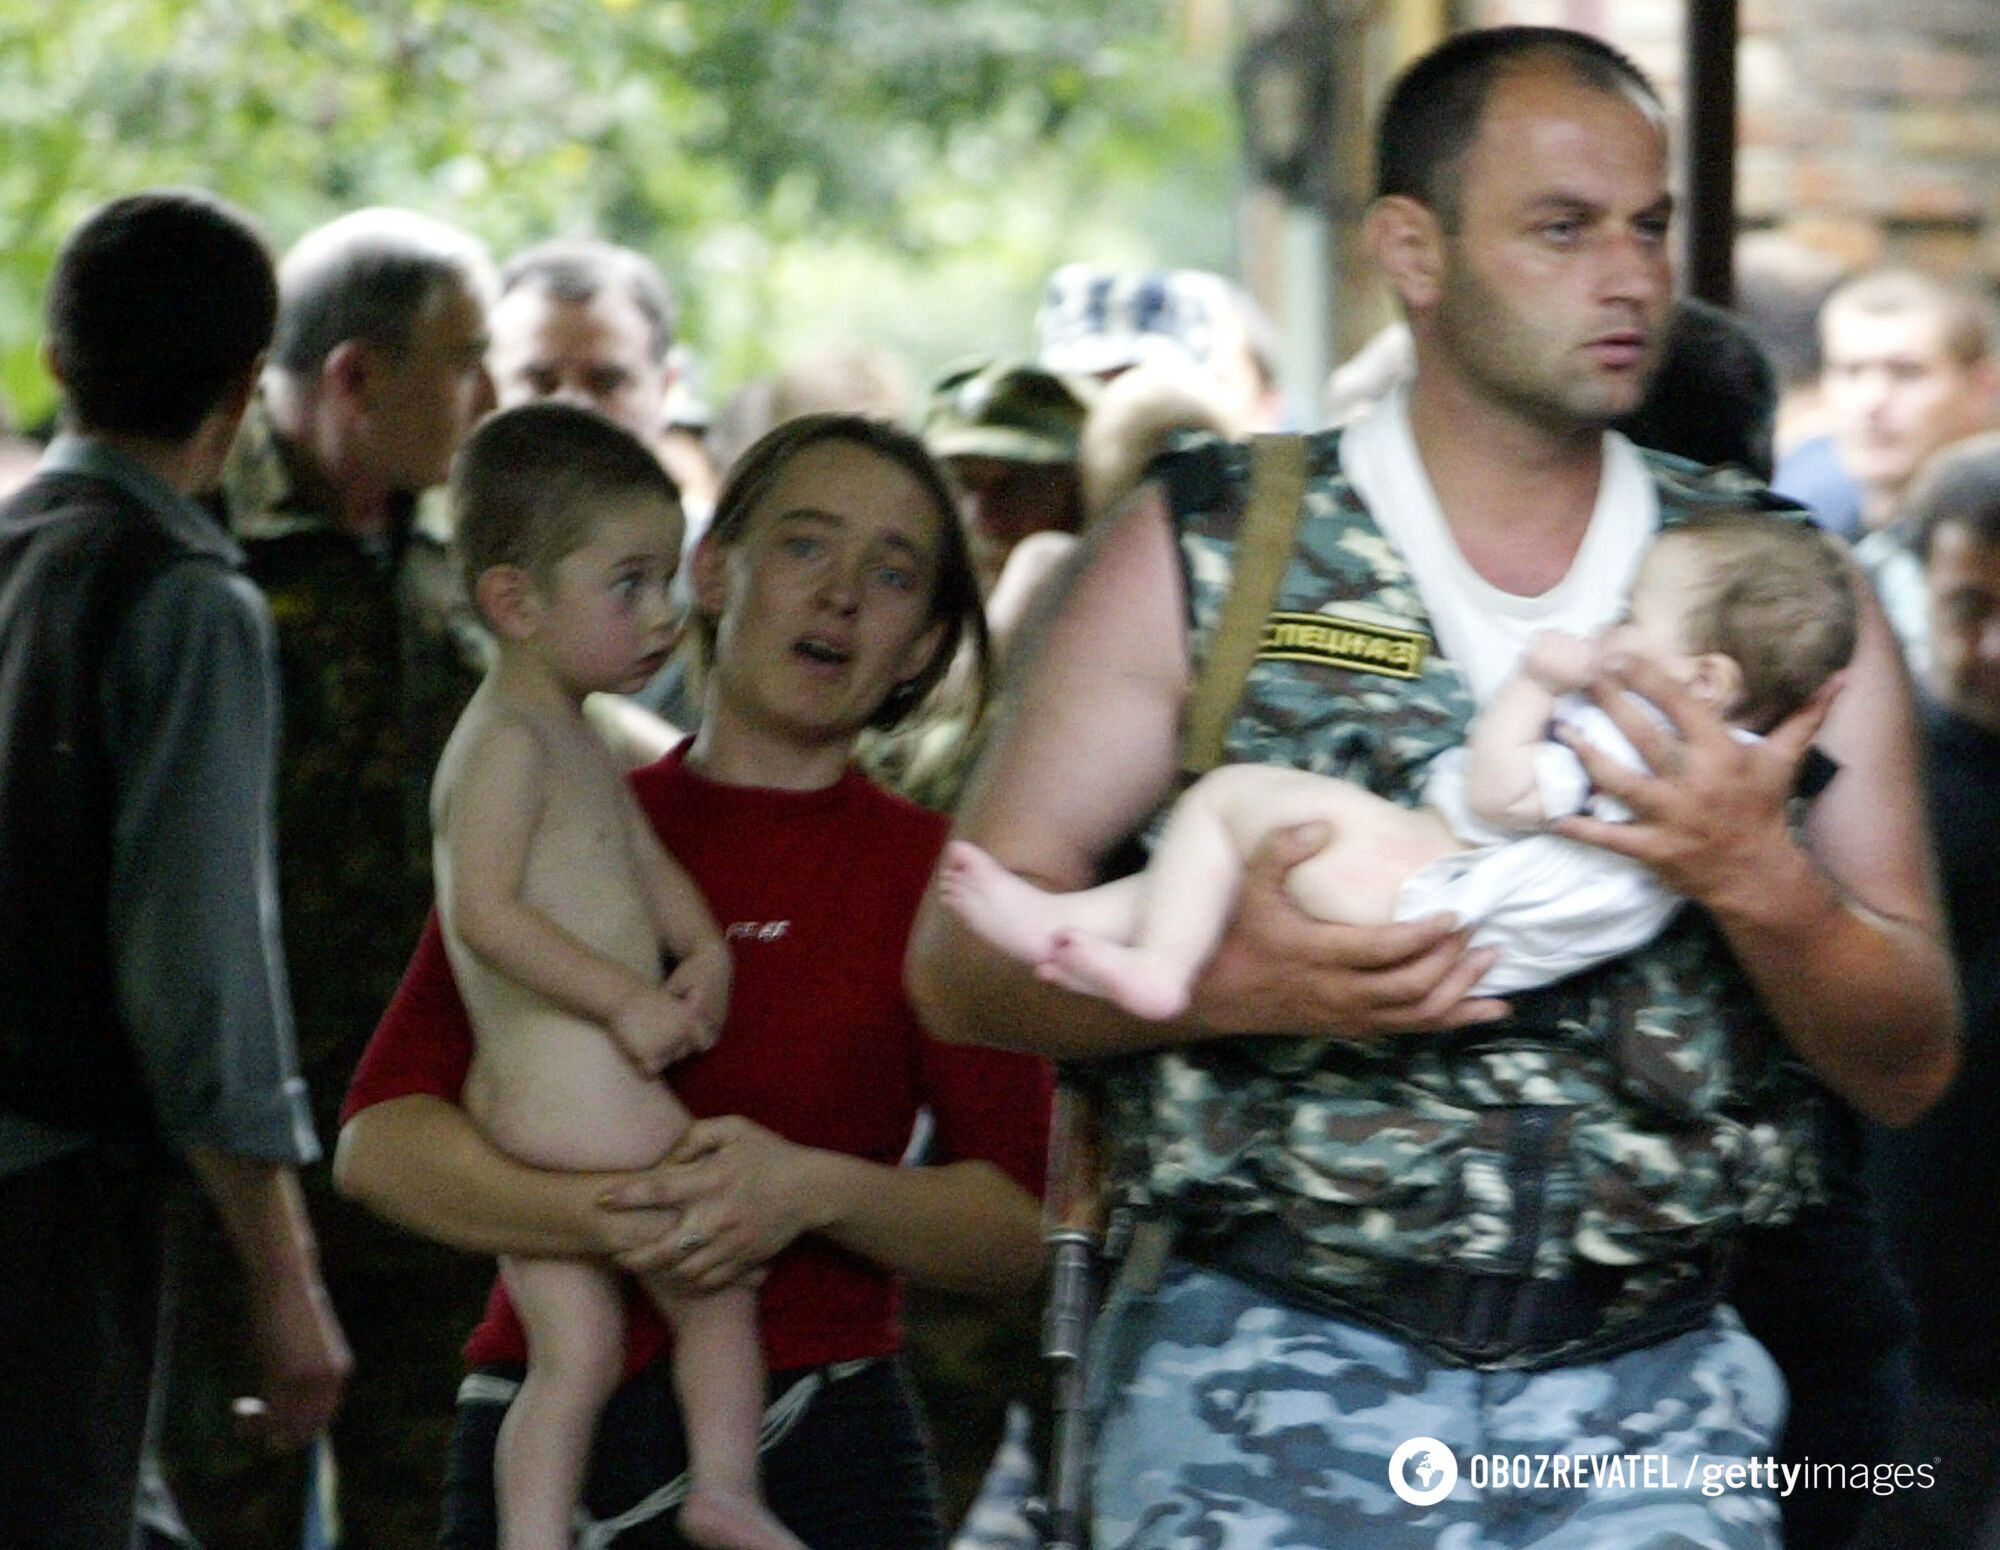 Сотрудник полиции и женщина несут двух освобожденных детей из захваченной школы в Беслане